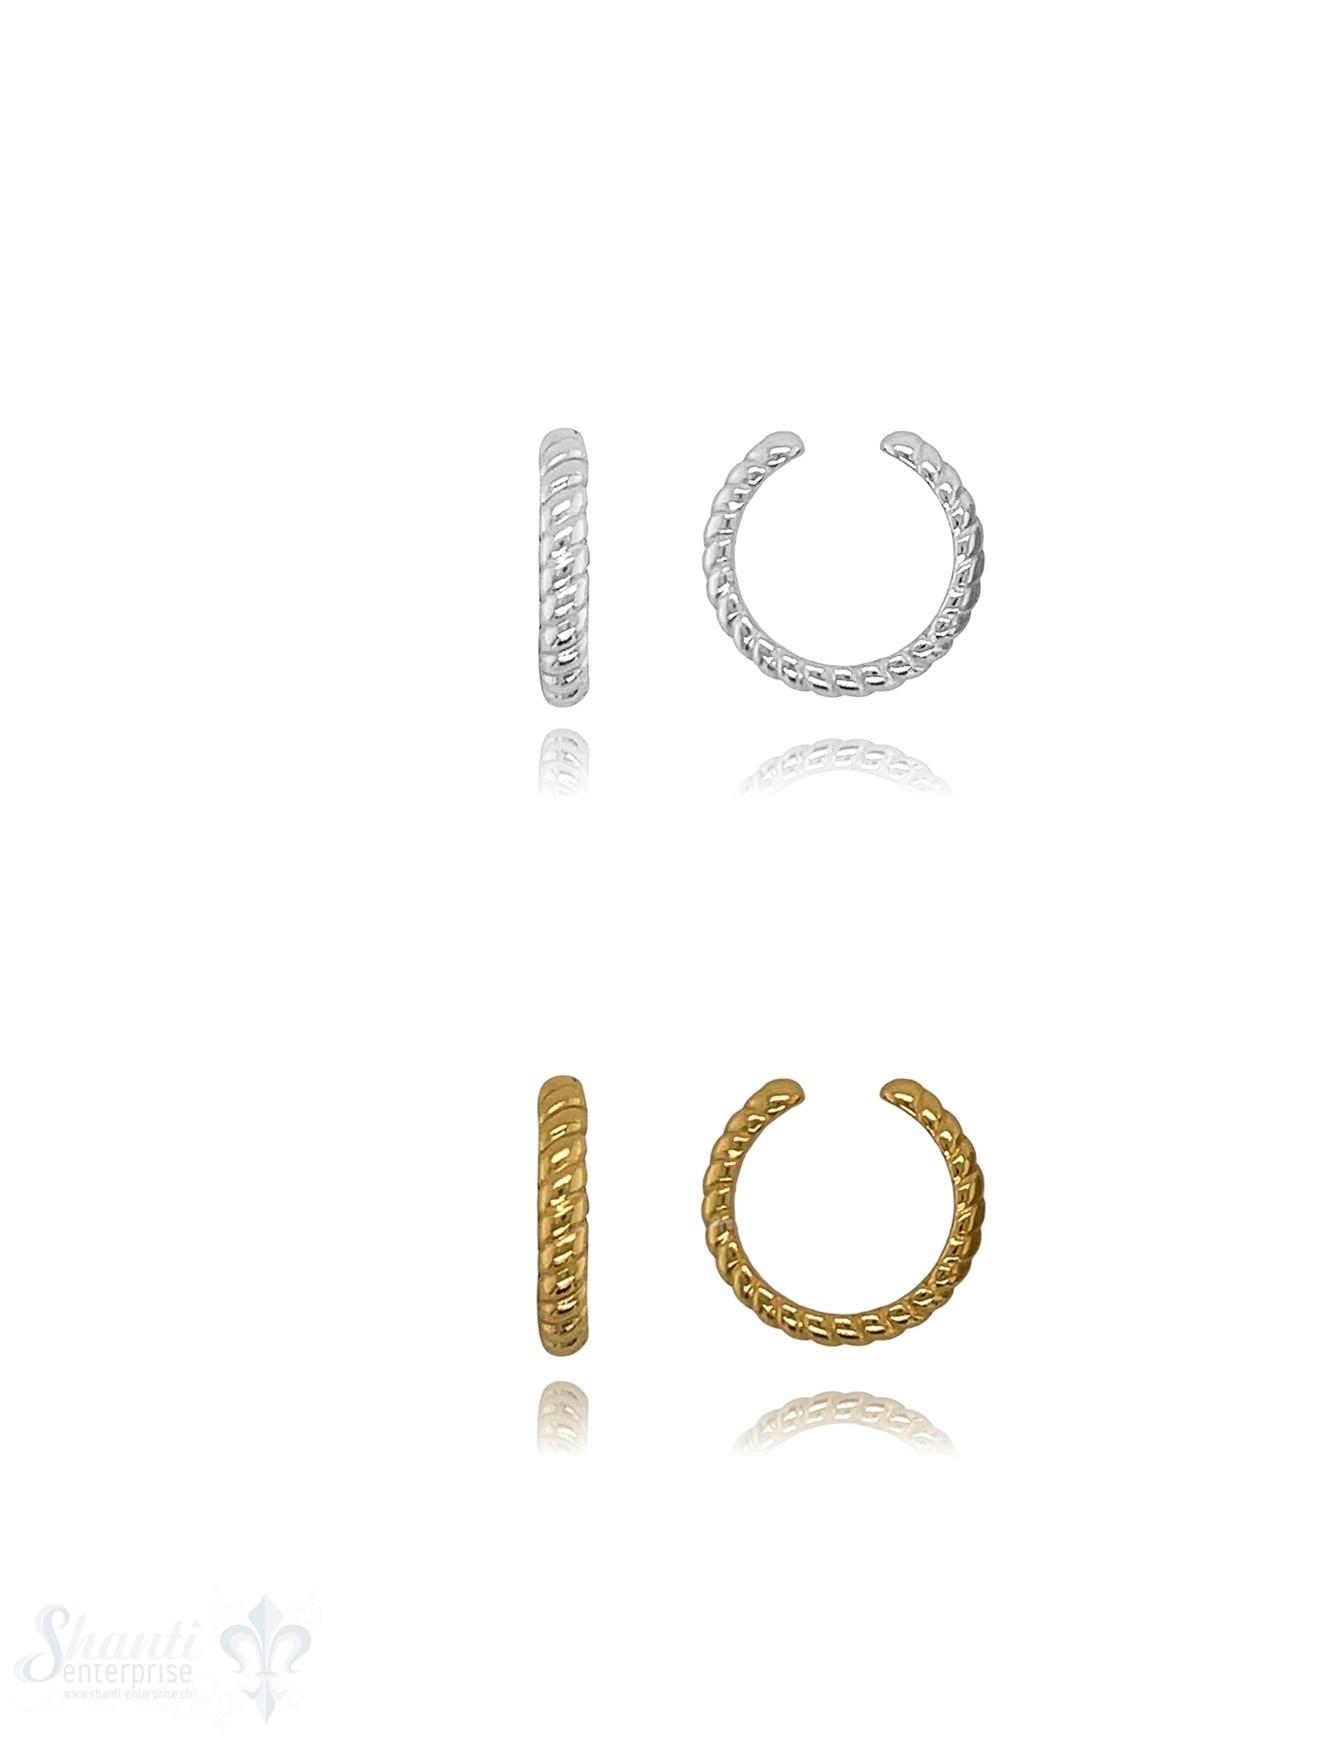 Ohrklemmen 13 mm gerillt 2,5 mm breit Silber massiv offen 1 Pack = 1 Paar